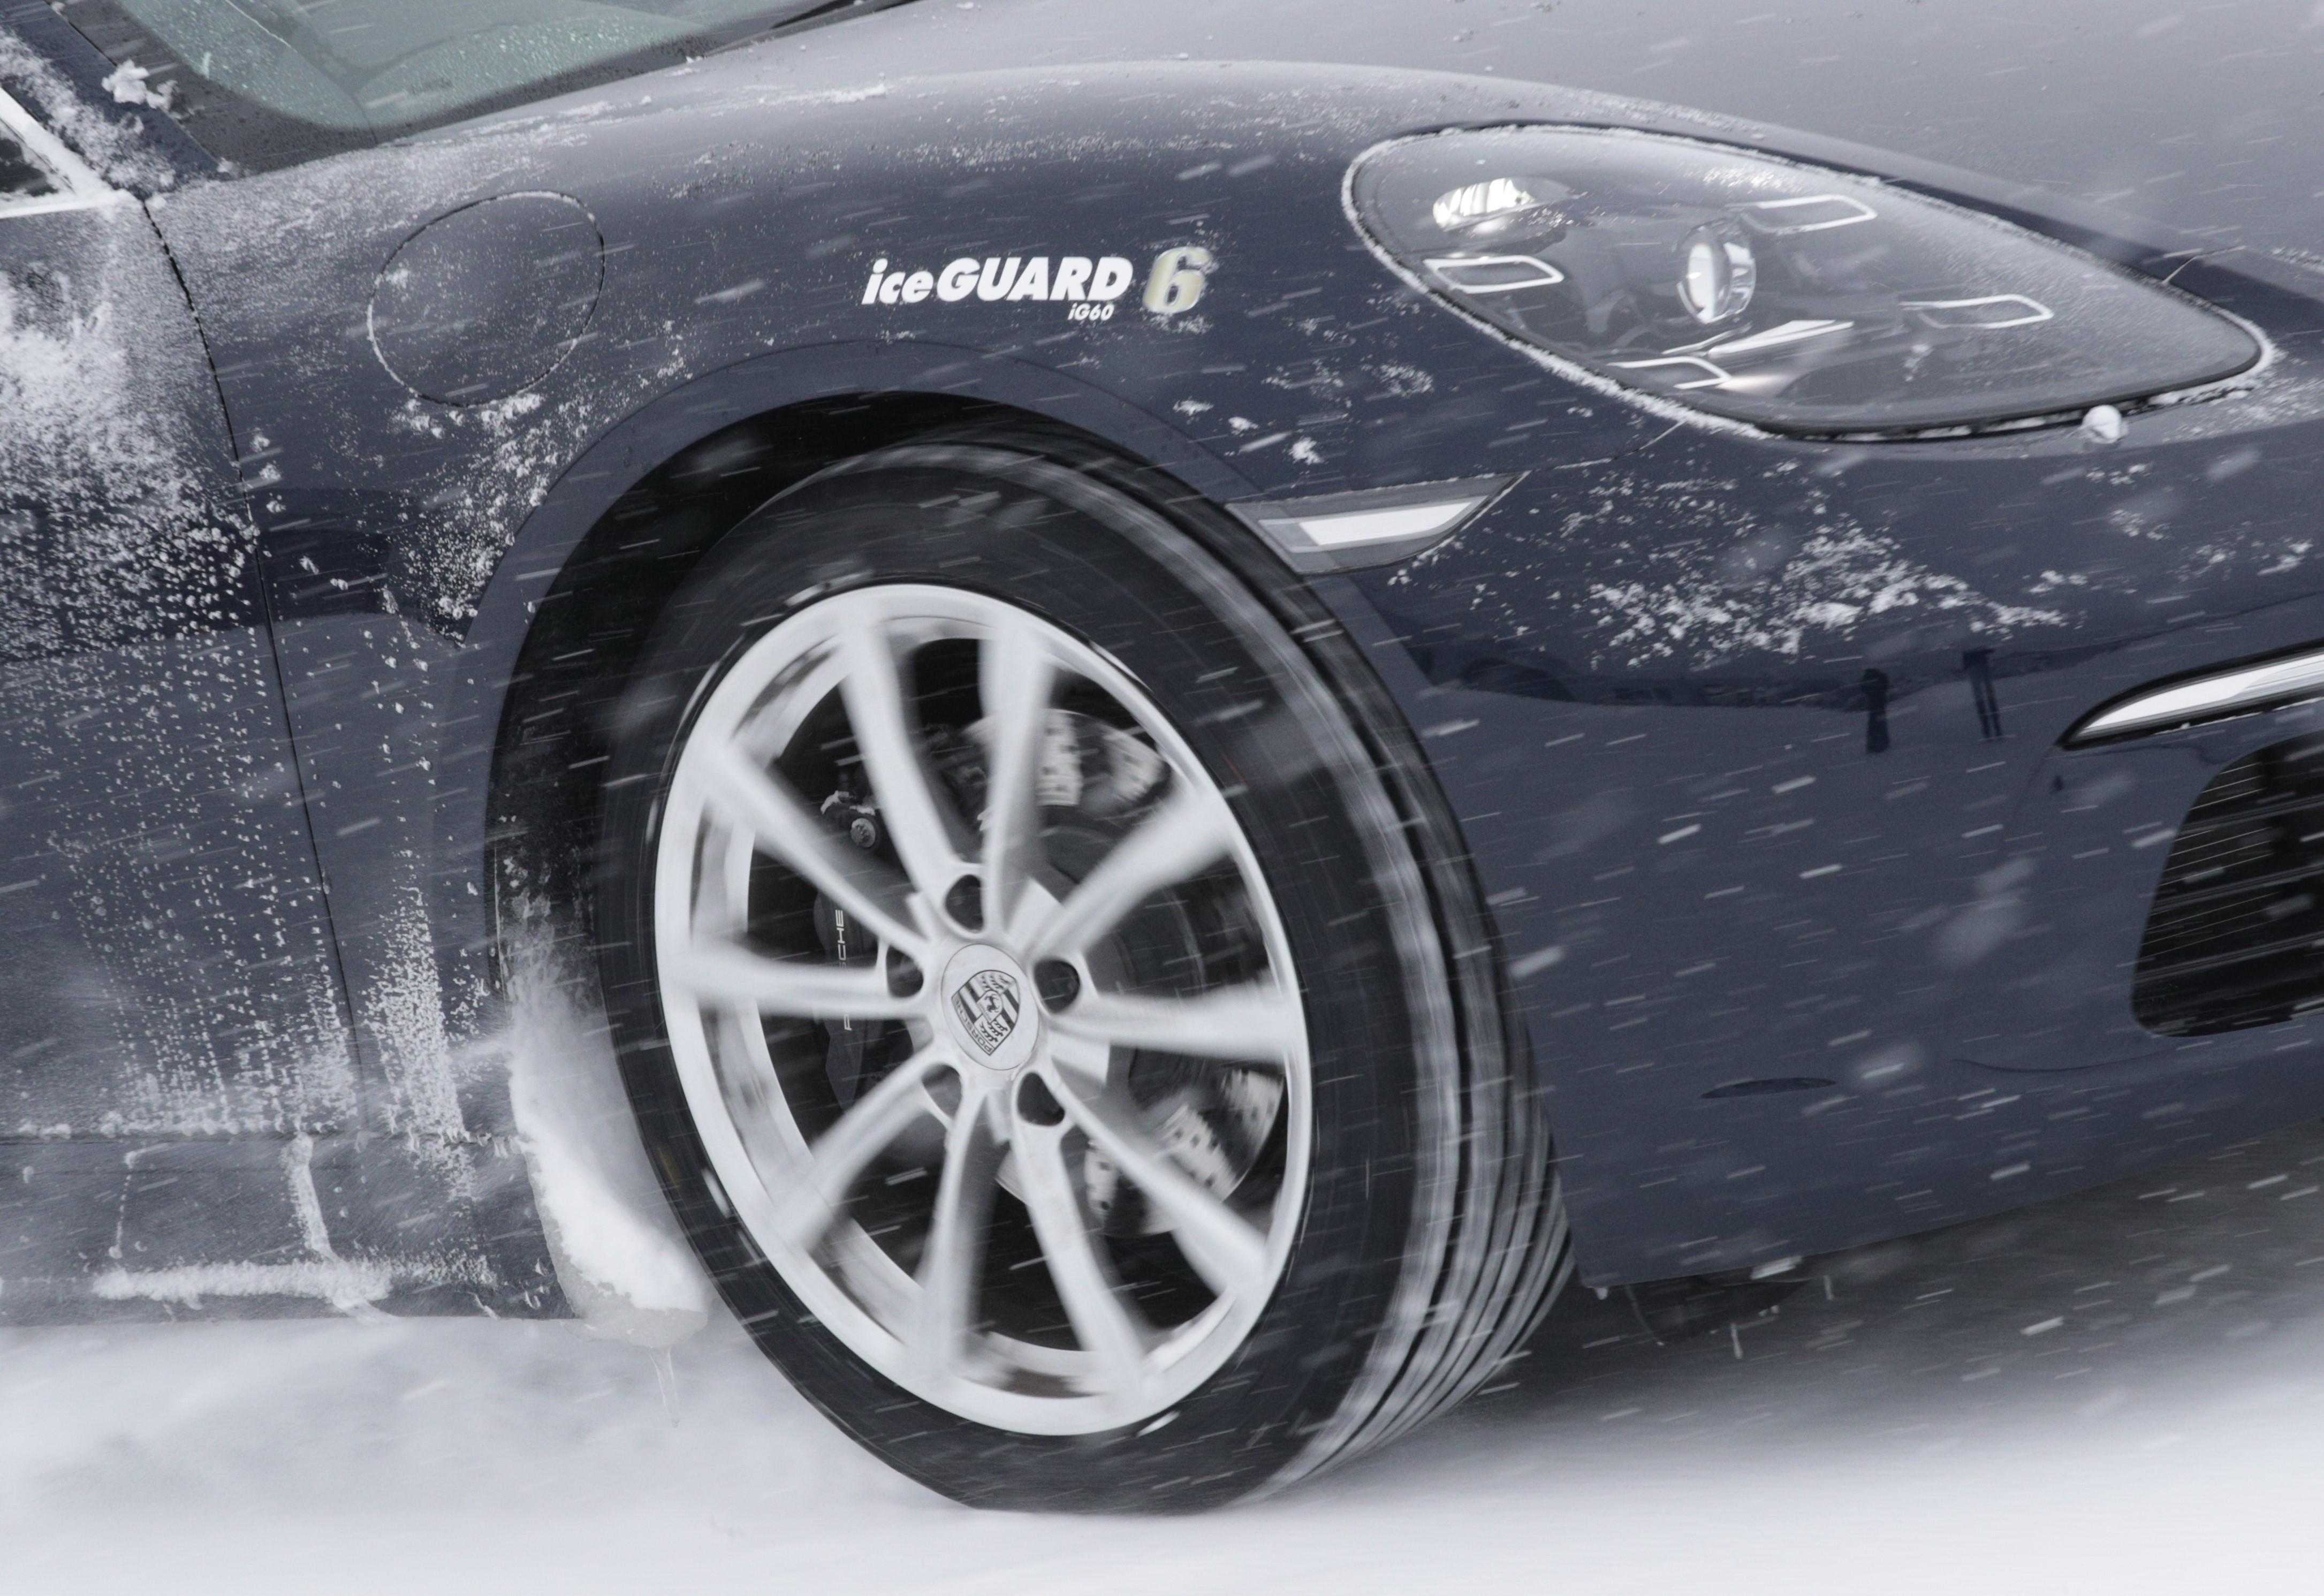 【冬がダメはもう古い!!】オールシーズンタイヤ実走チェック  BluEarth-4Sは氷上も「イケる」のか!?